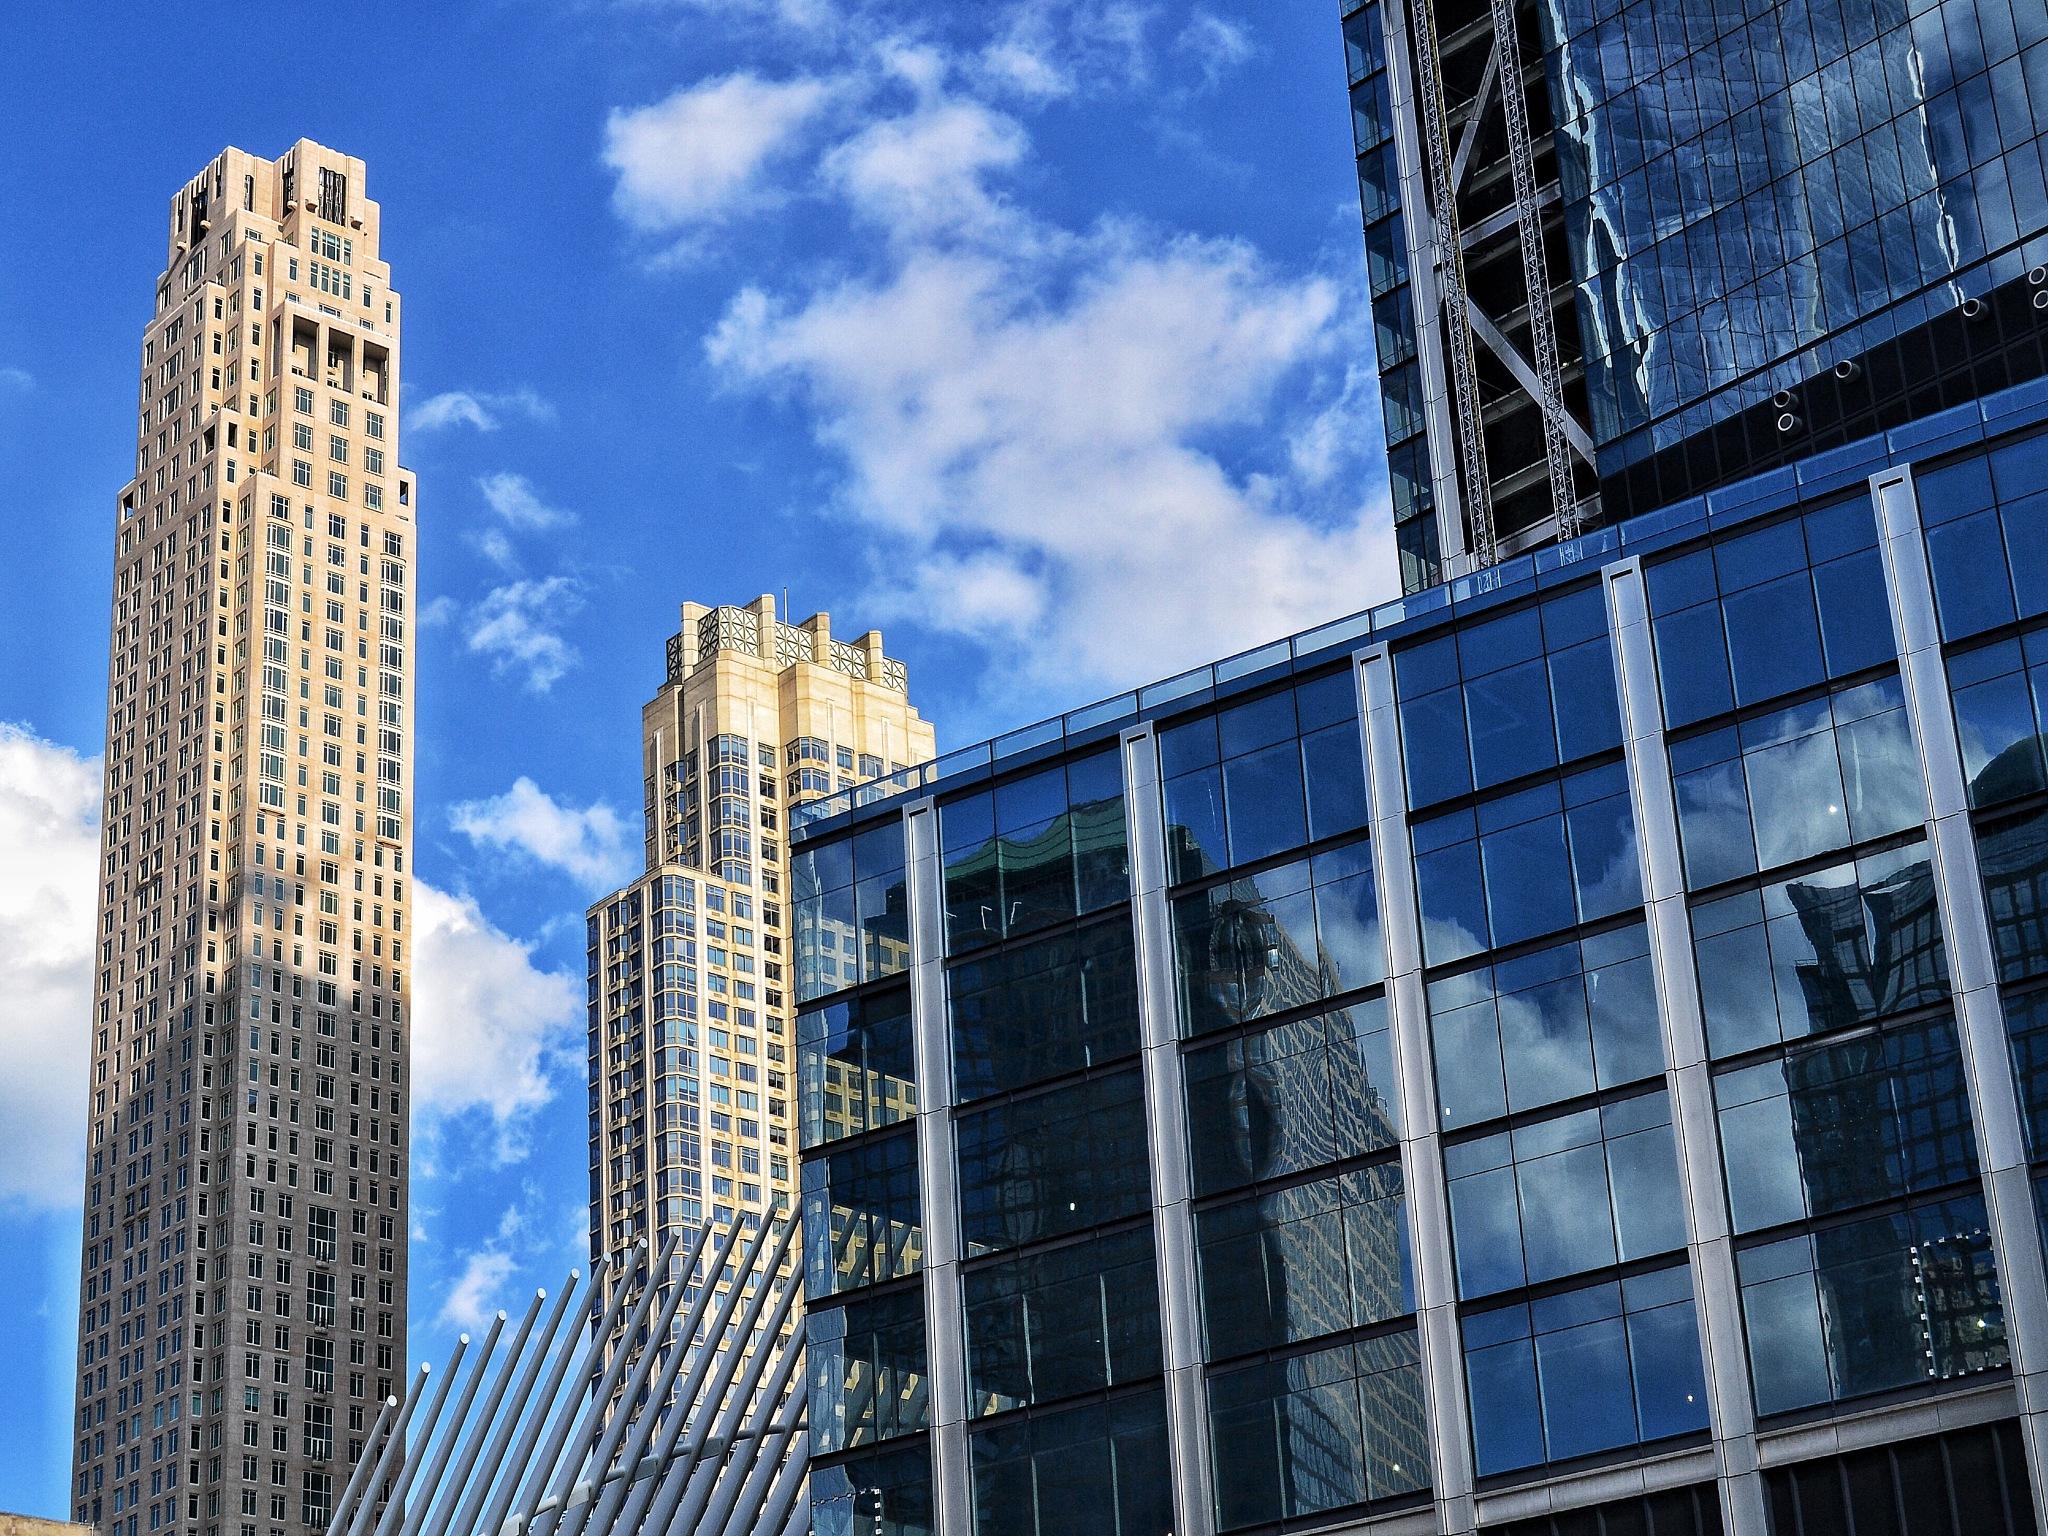 In New York by Christian Jerhov